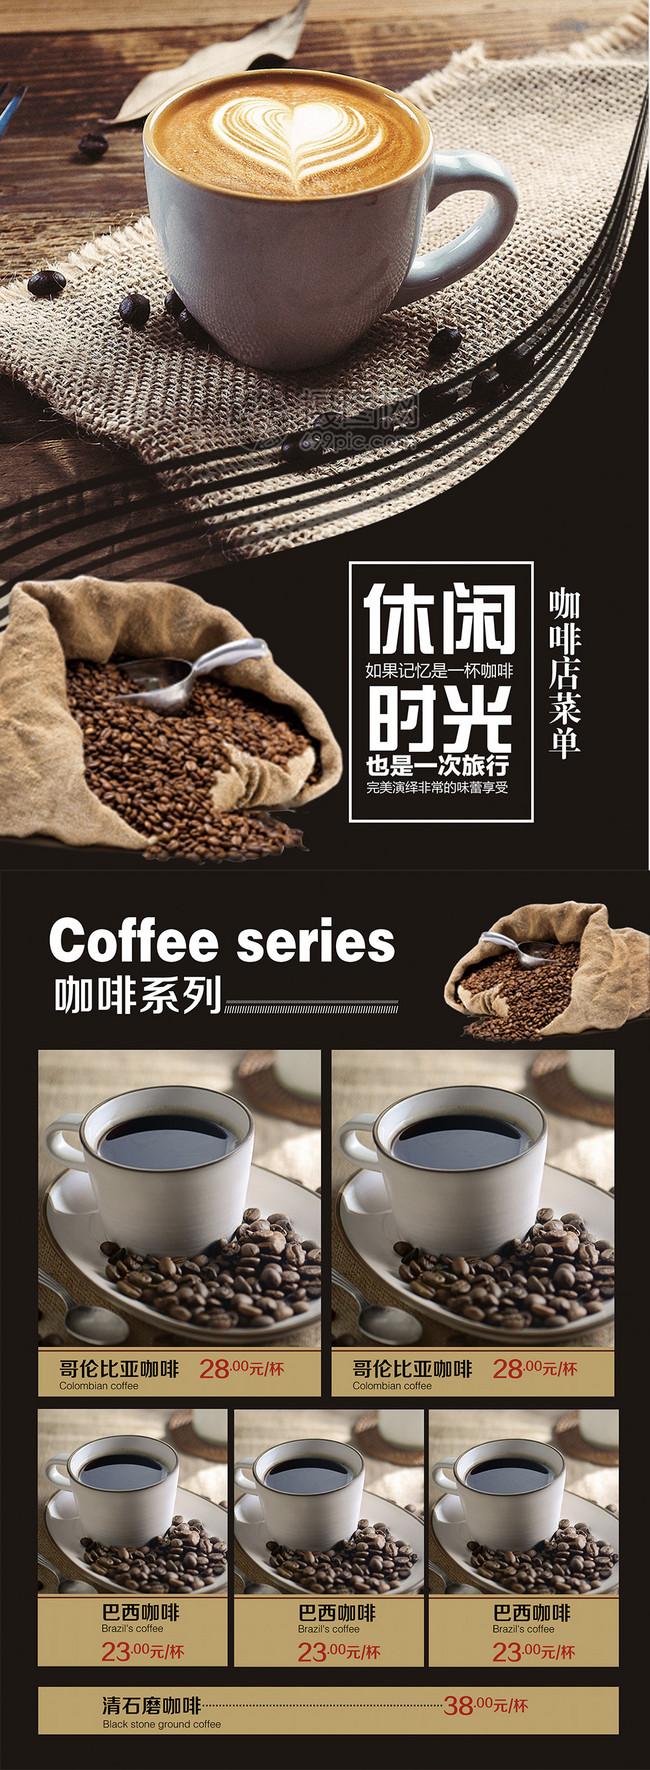 Selebaran Waktu Luang Cafe Gambar Unduh Gratis Templat 400326159 Format Gambar Psd Lovepik Com